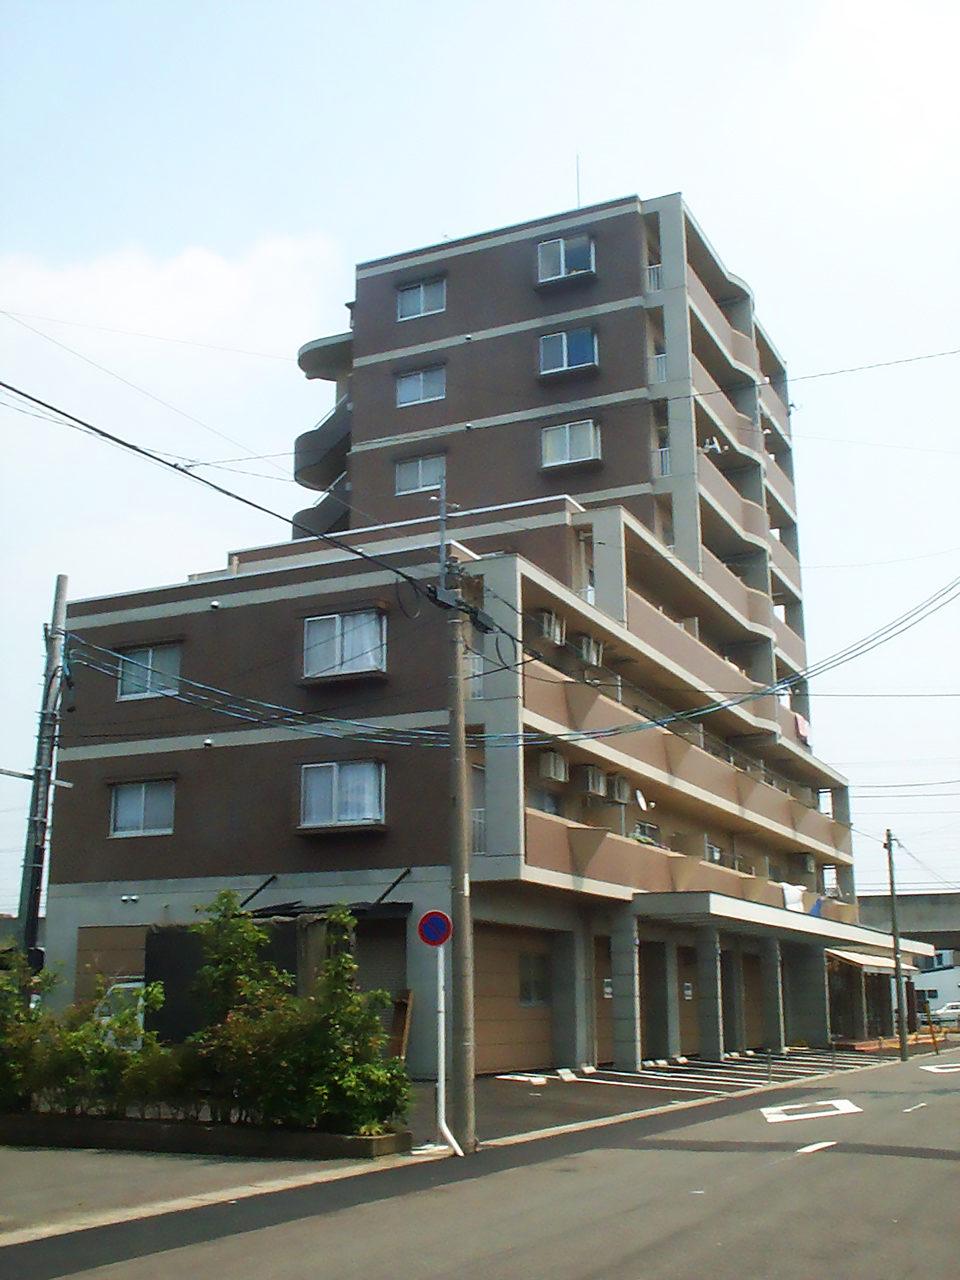 鉄筋コンクリートタイル貼り賃貸マンションの新築設計、デザイン